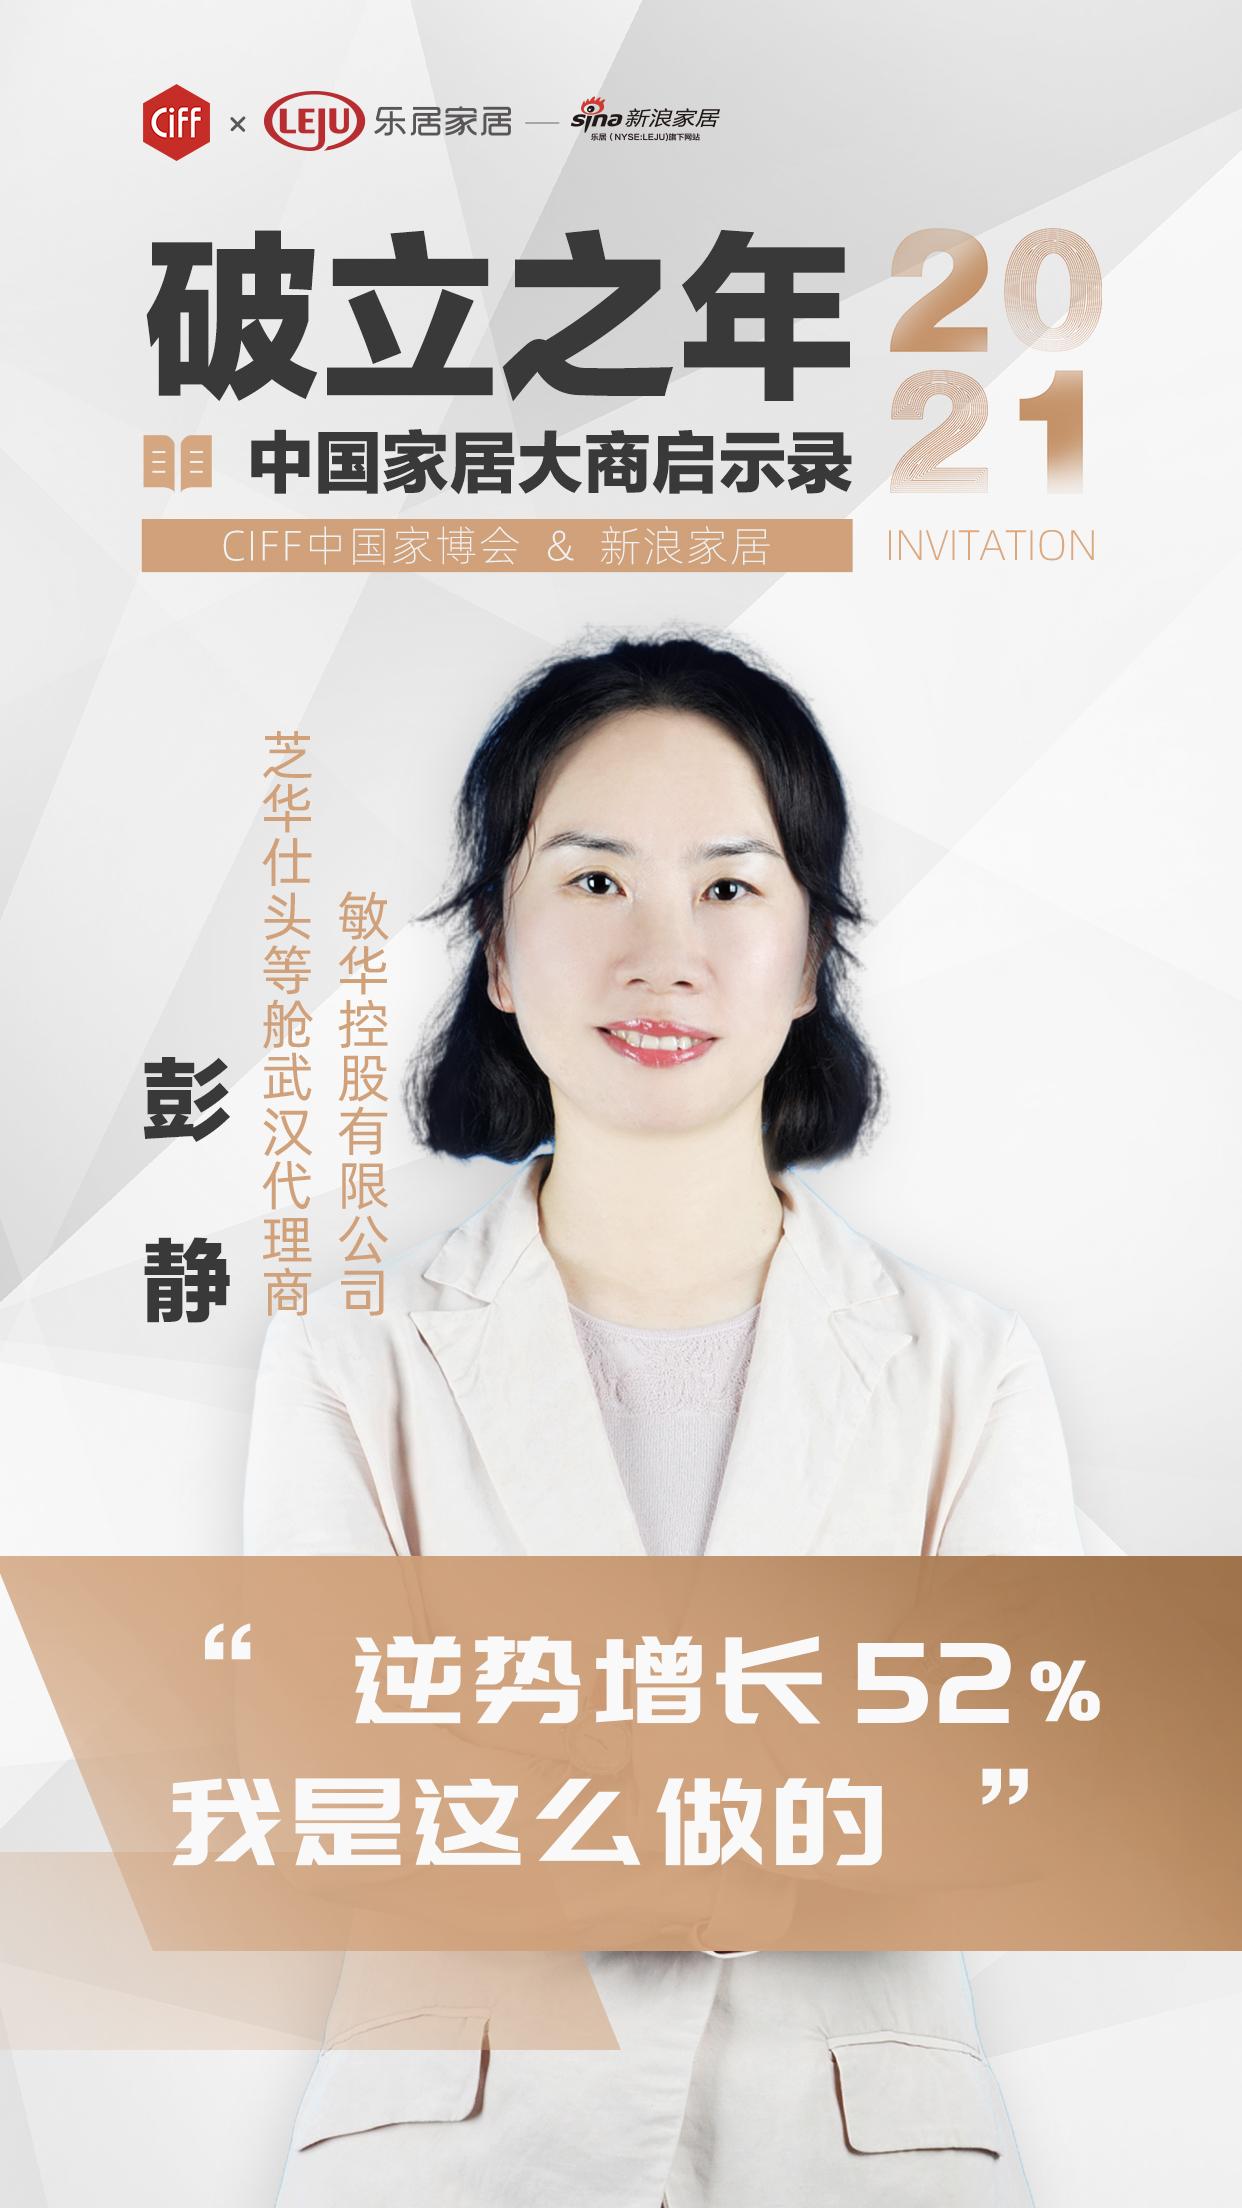 敏华控股有限公司芝华仕头等舱武汉代理商彭静